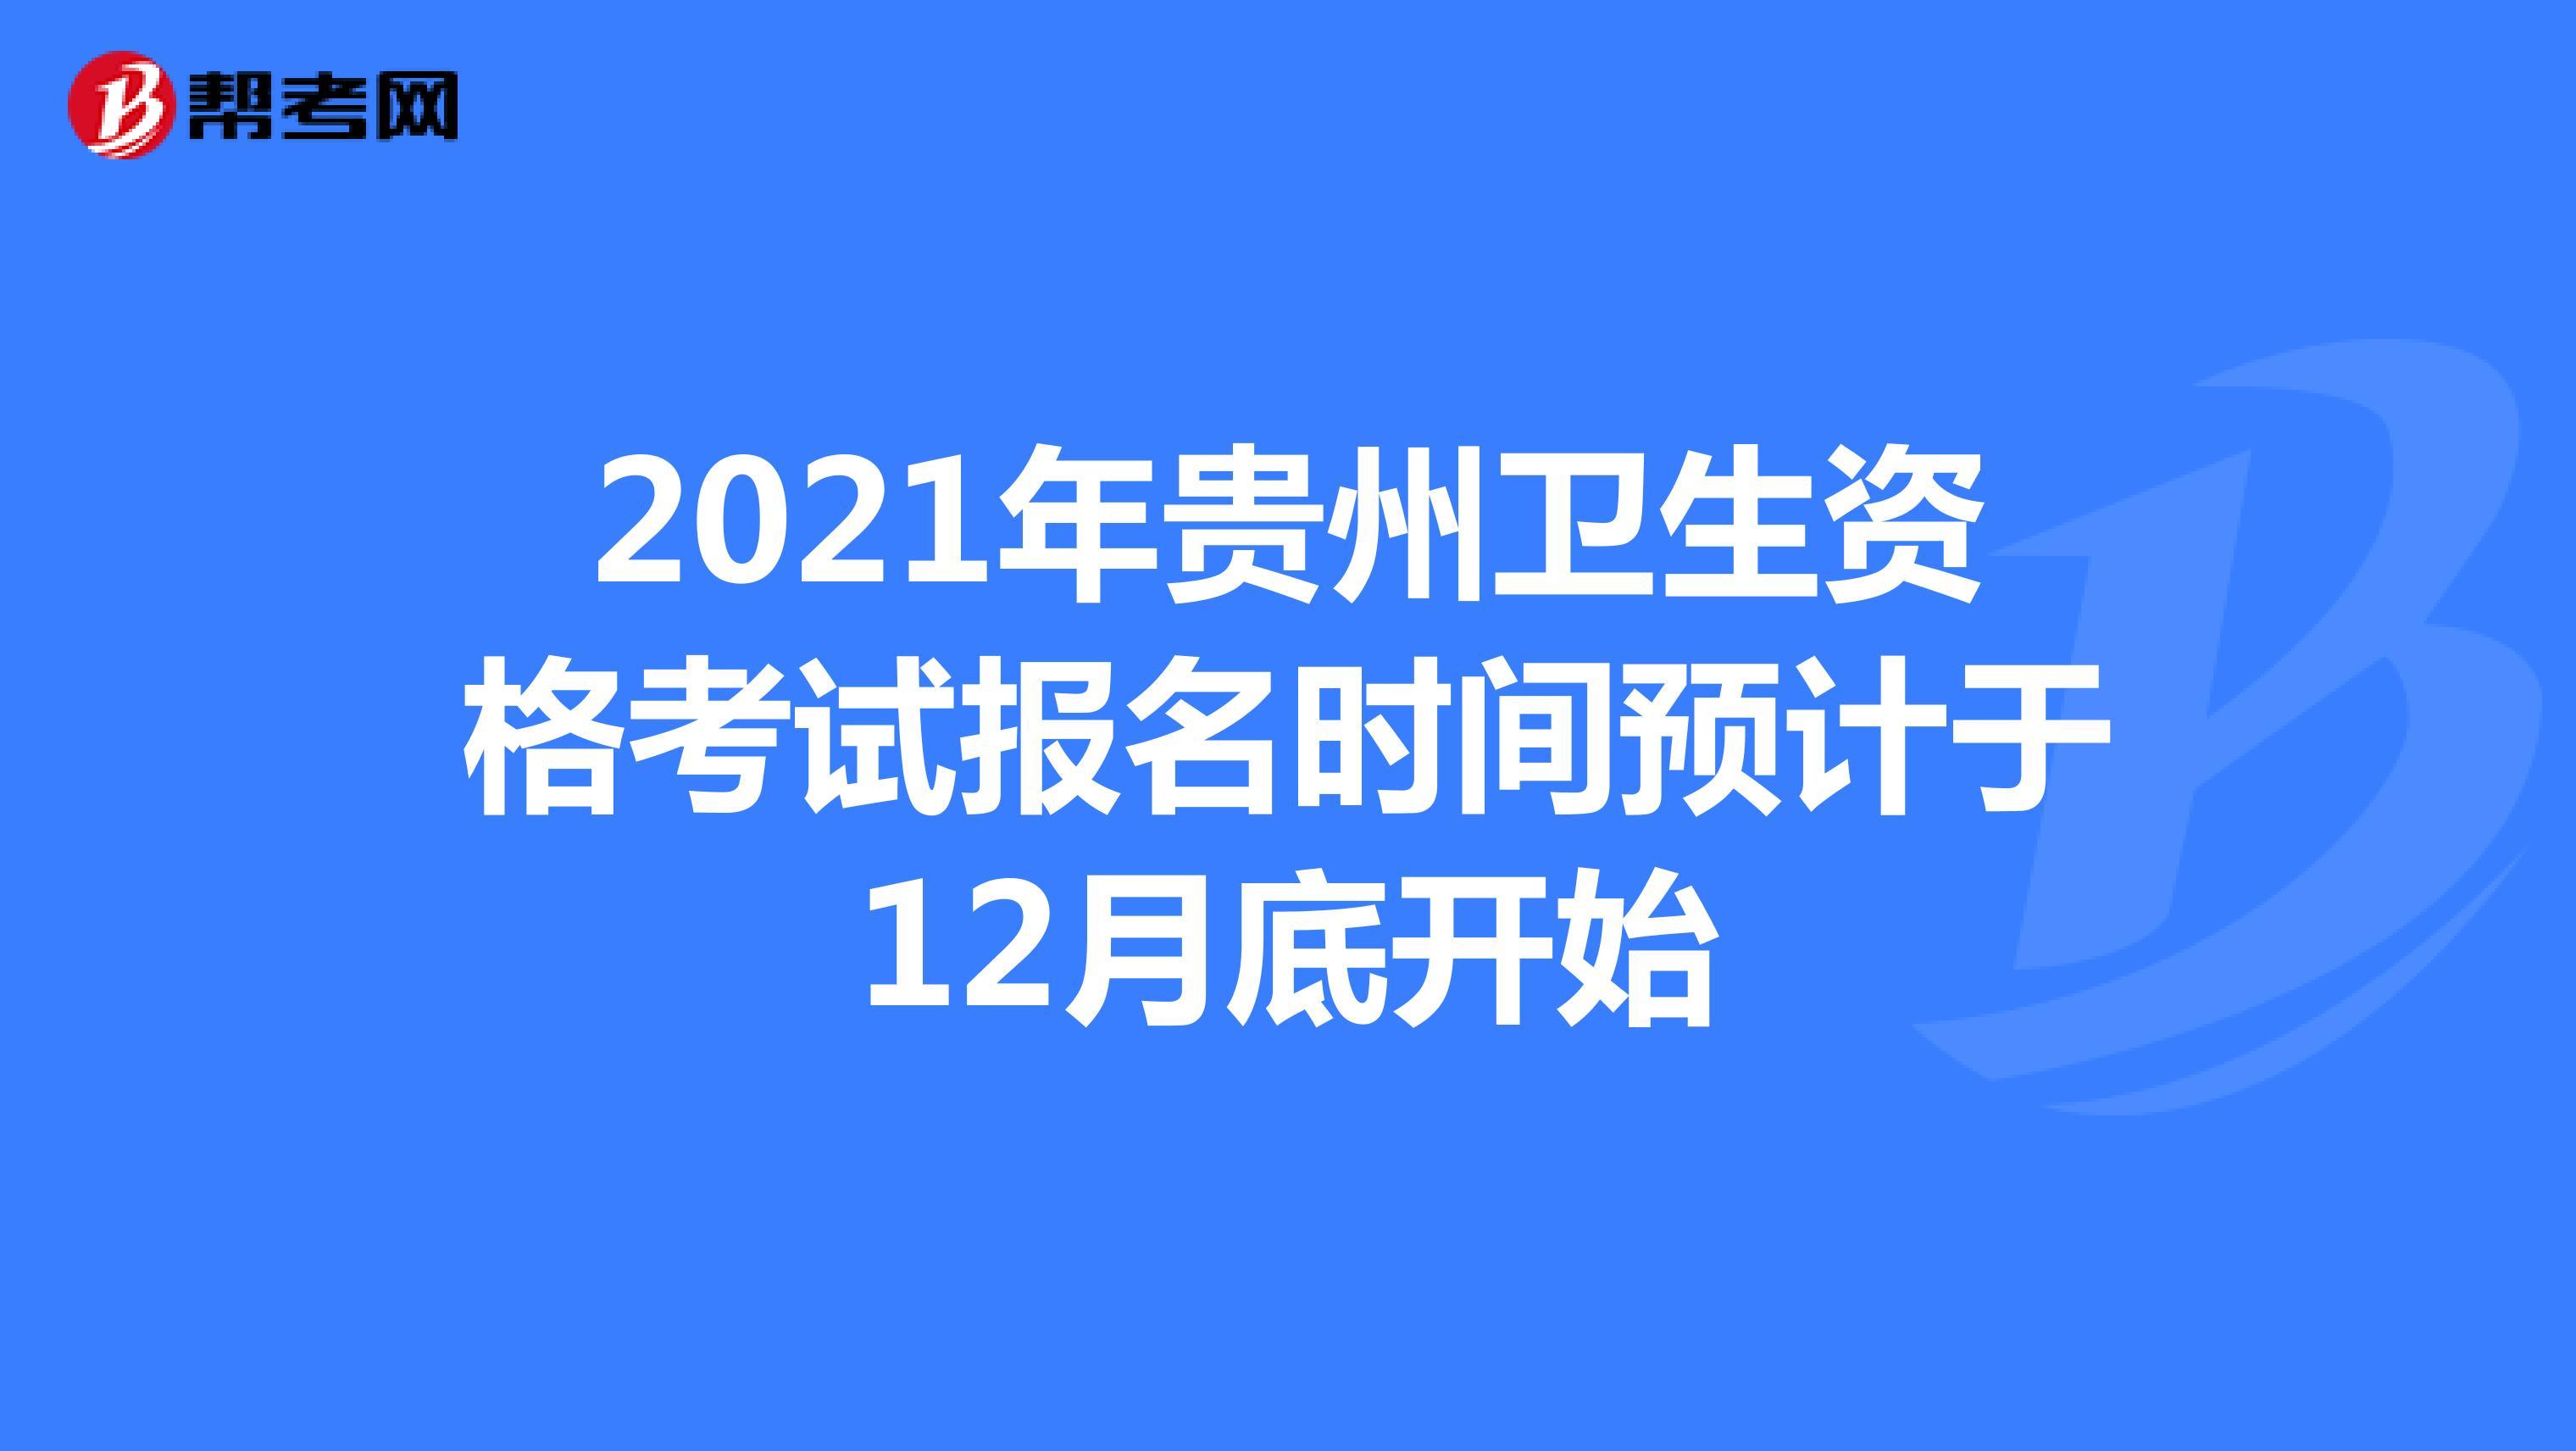 2021年贵州卫生资格考试报名时间预计于12月底开始